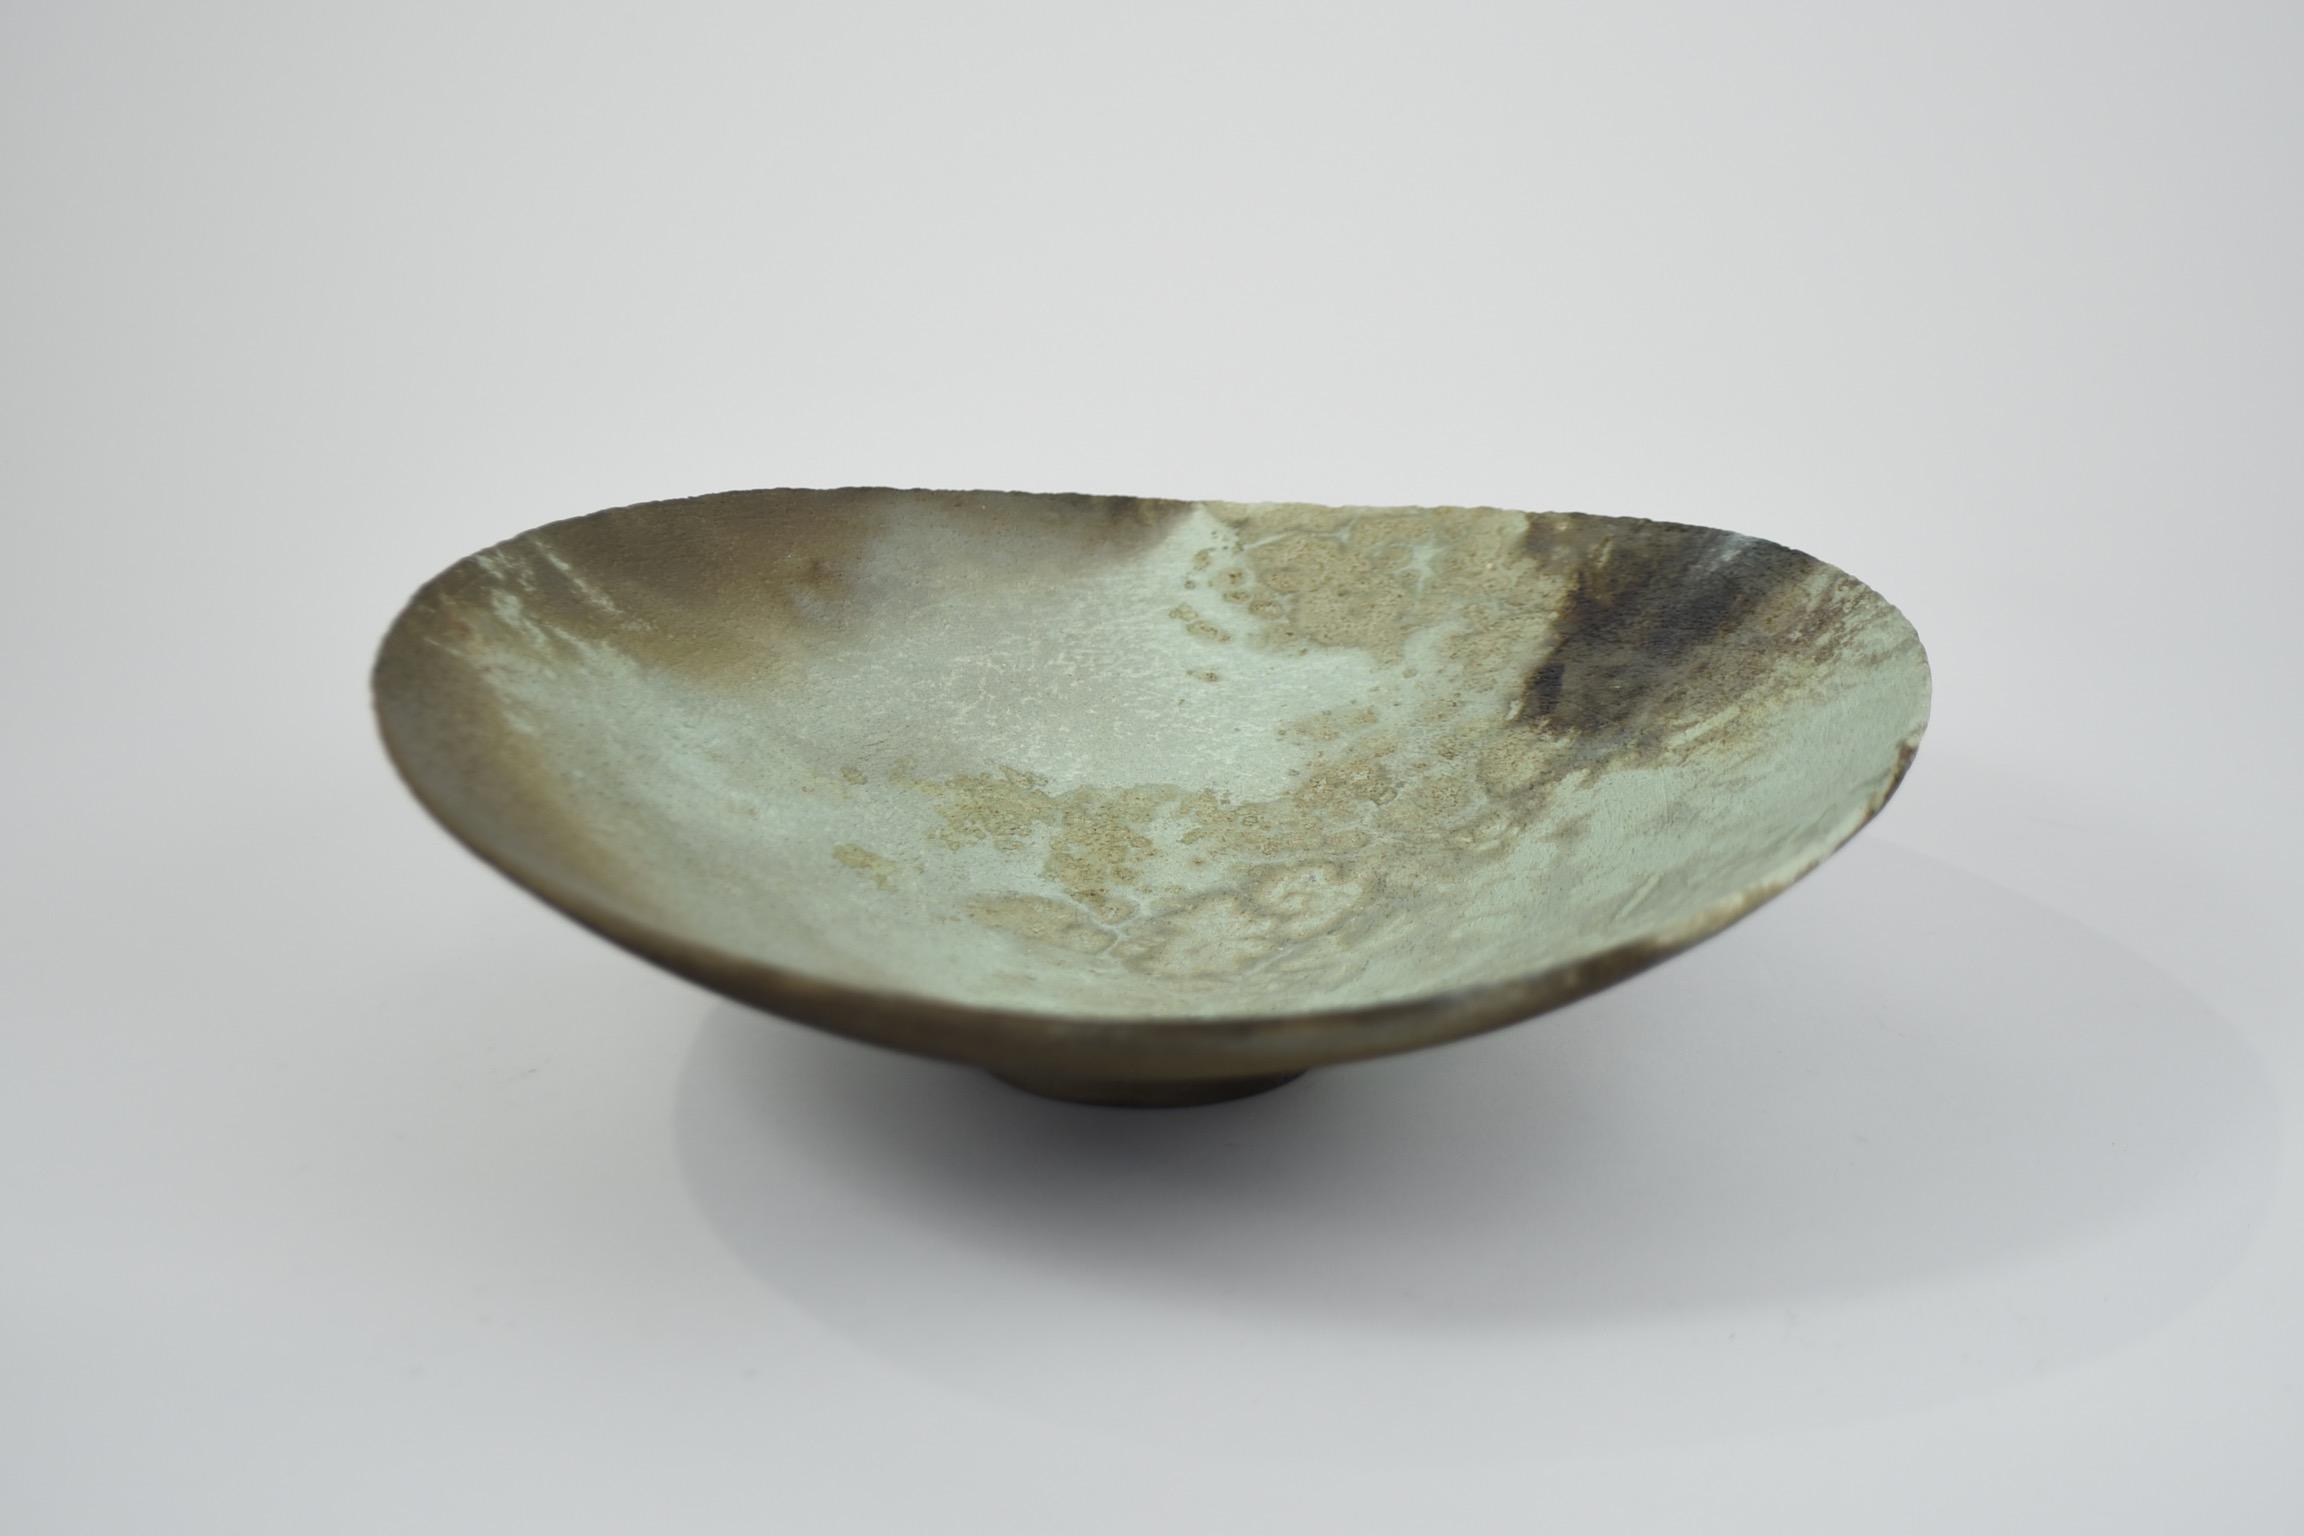 Large green asymmetric bowl JW11